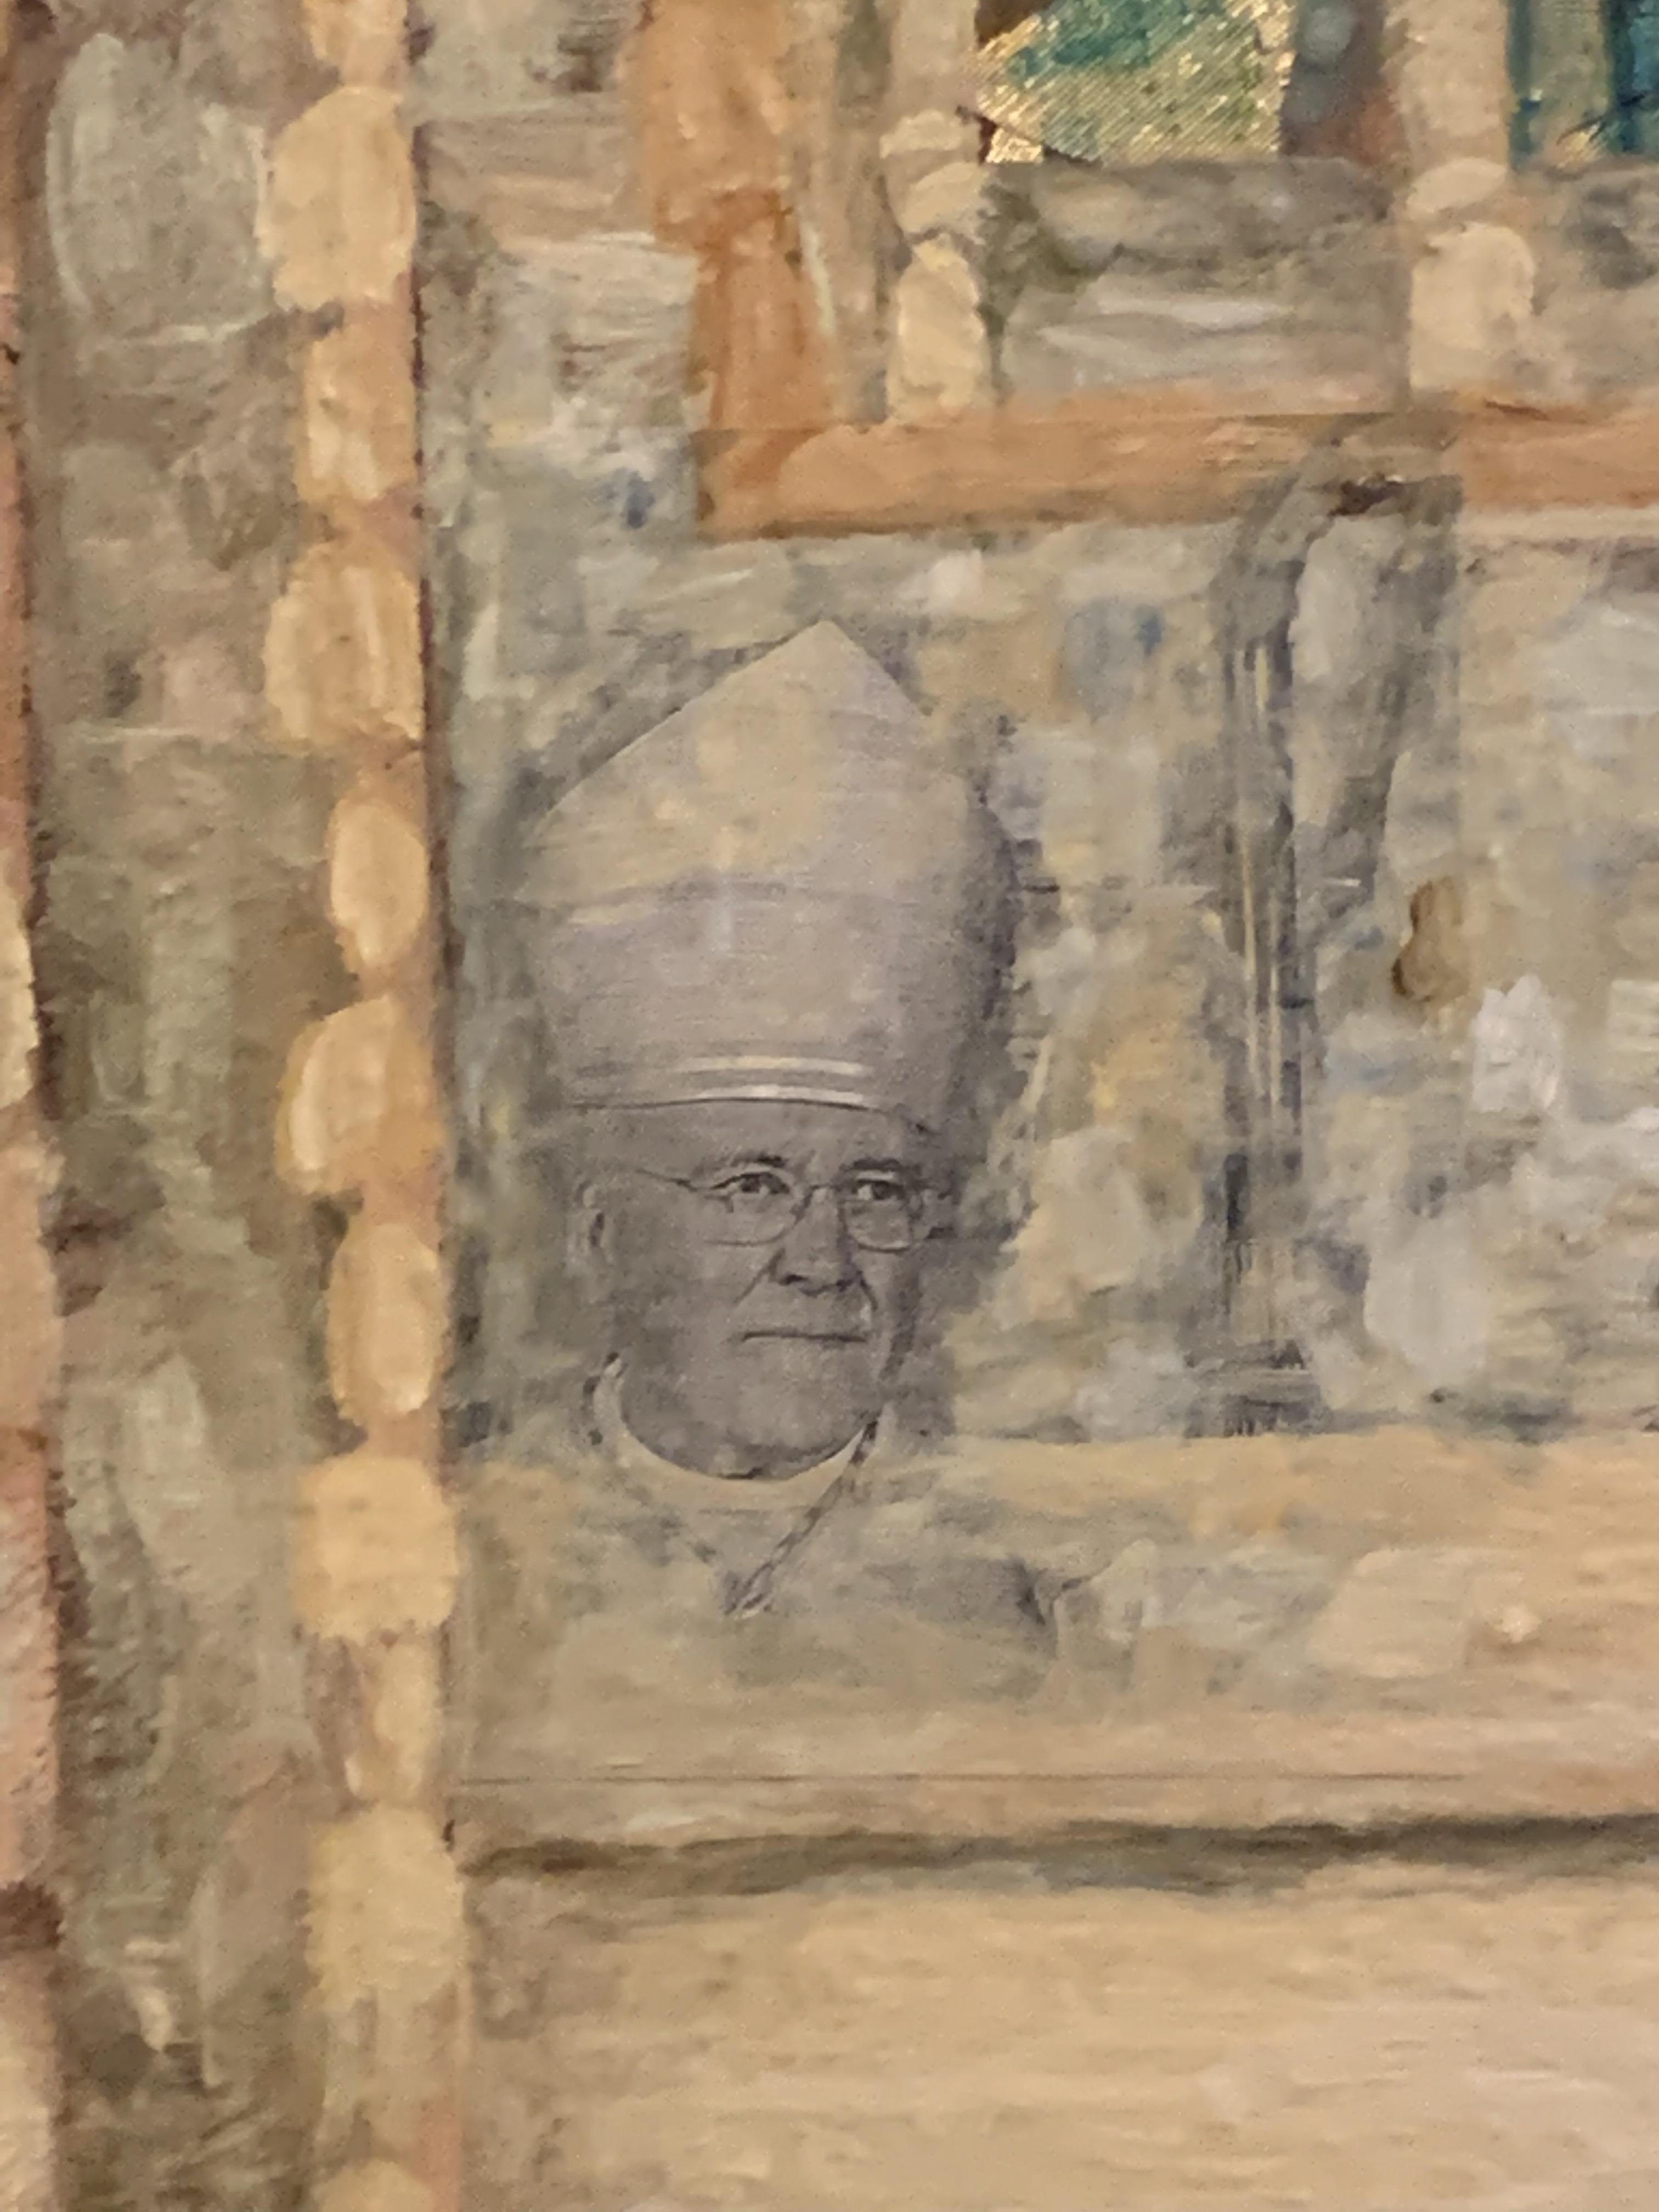 Malone in mural.jpg